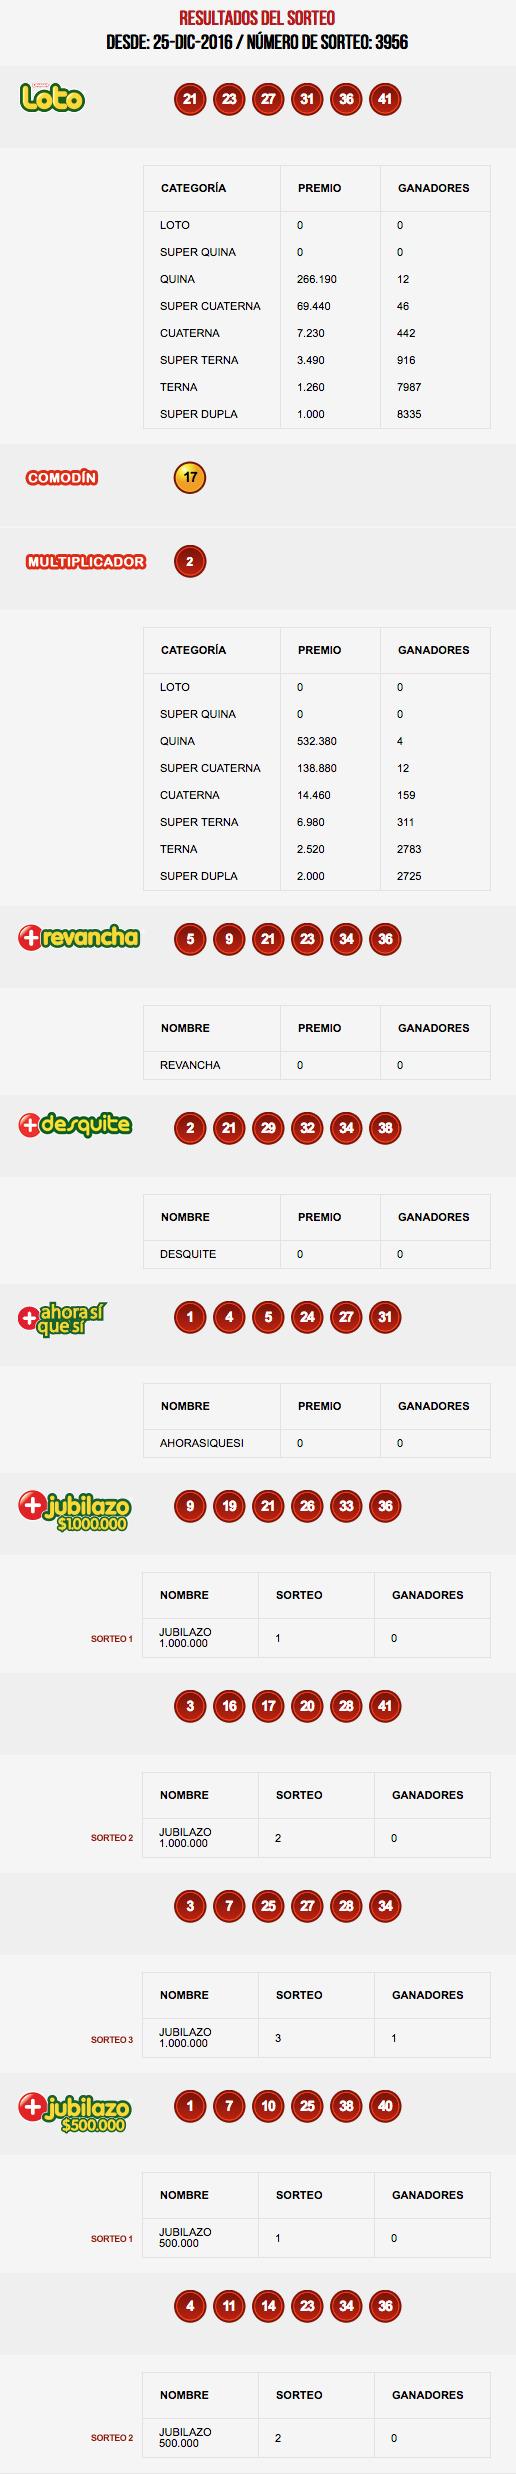 resultados-loto-sorteo-3956-jpeg